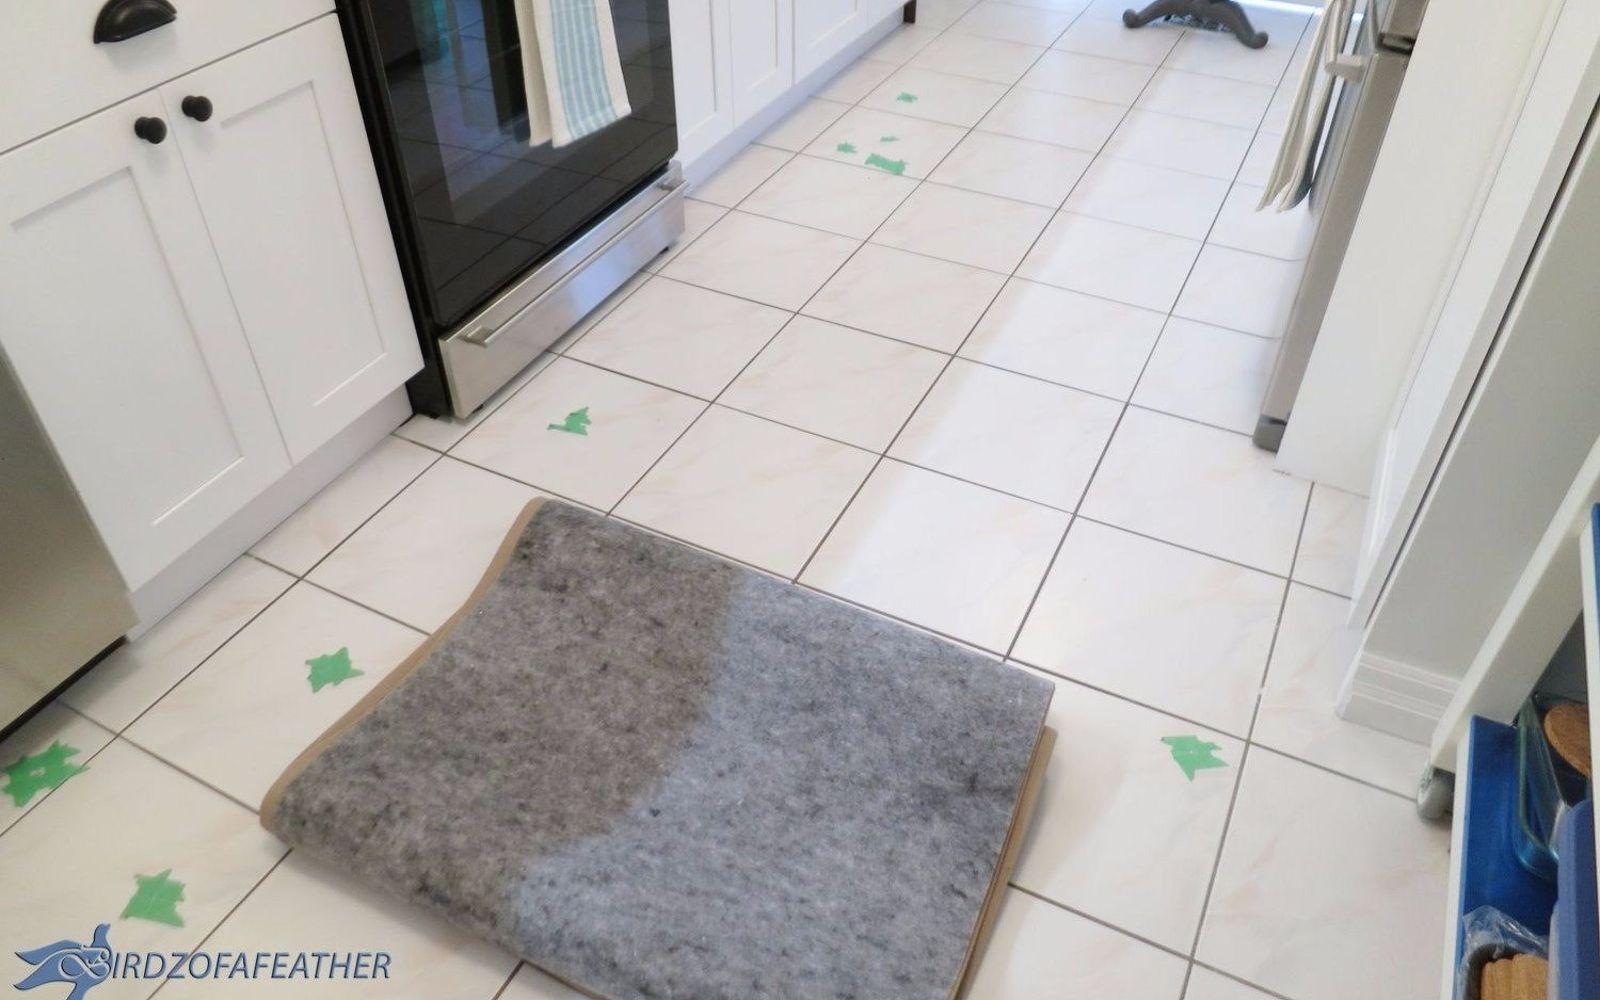 How to fix cracked floor tile